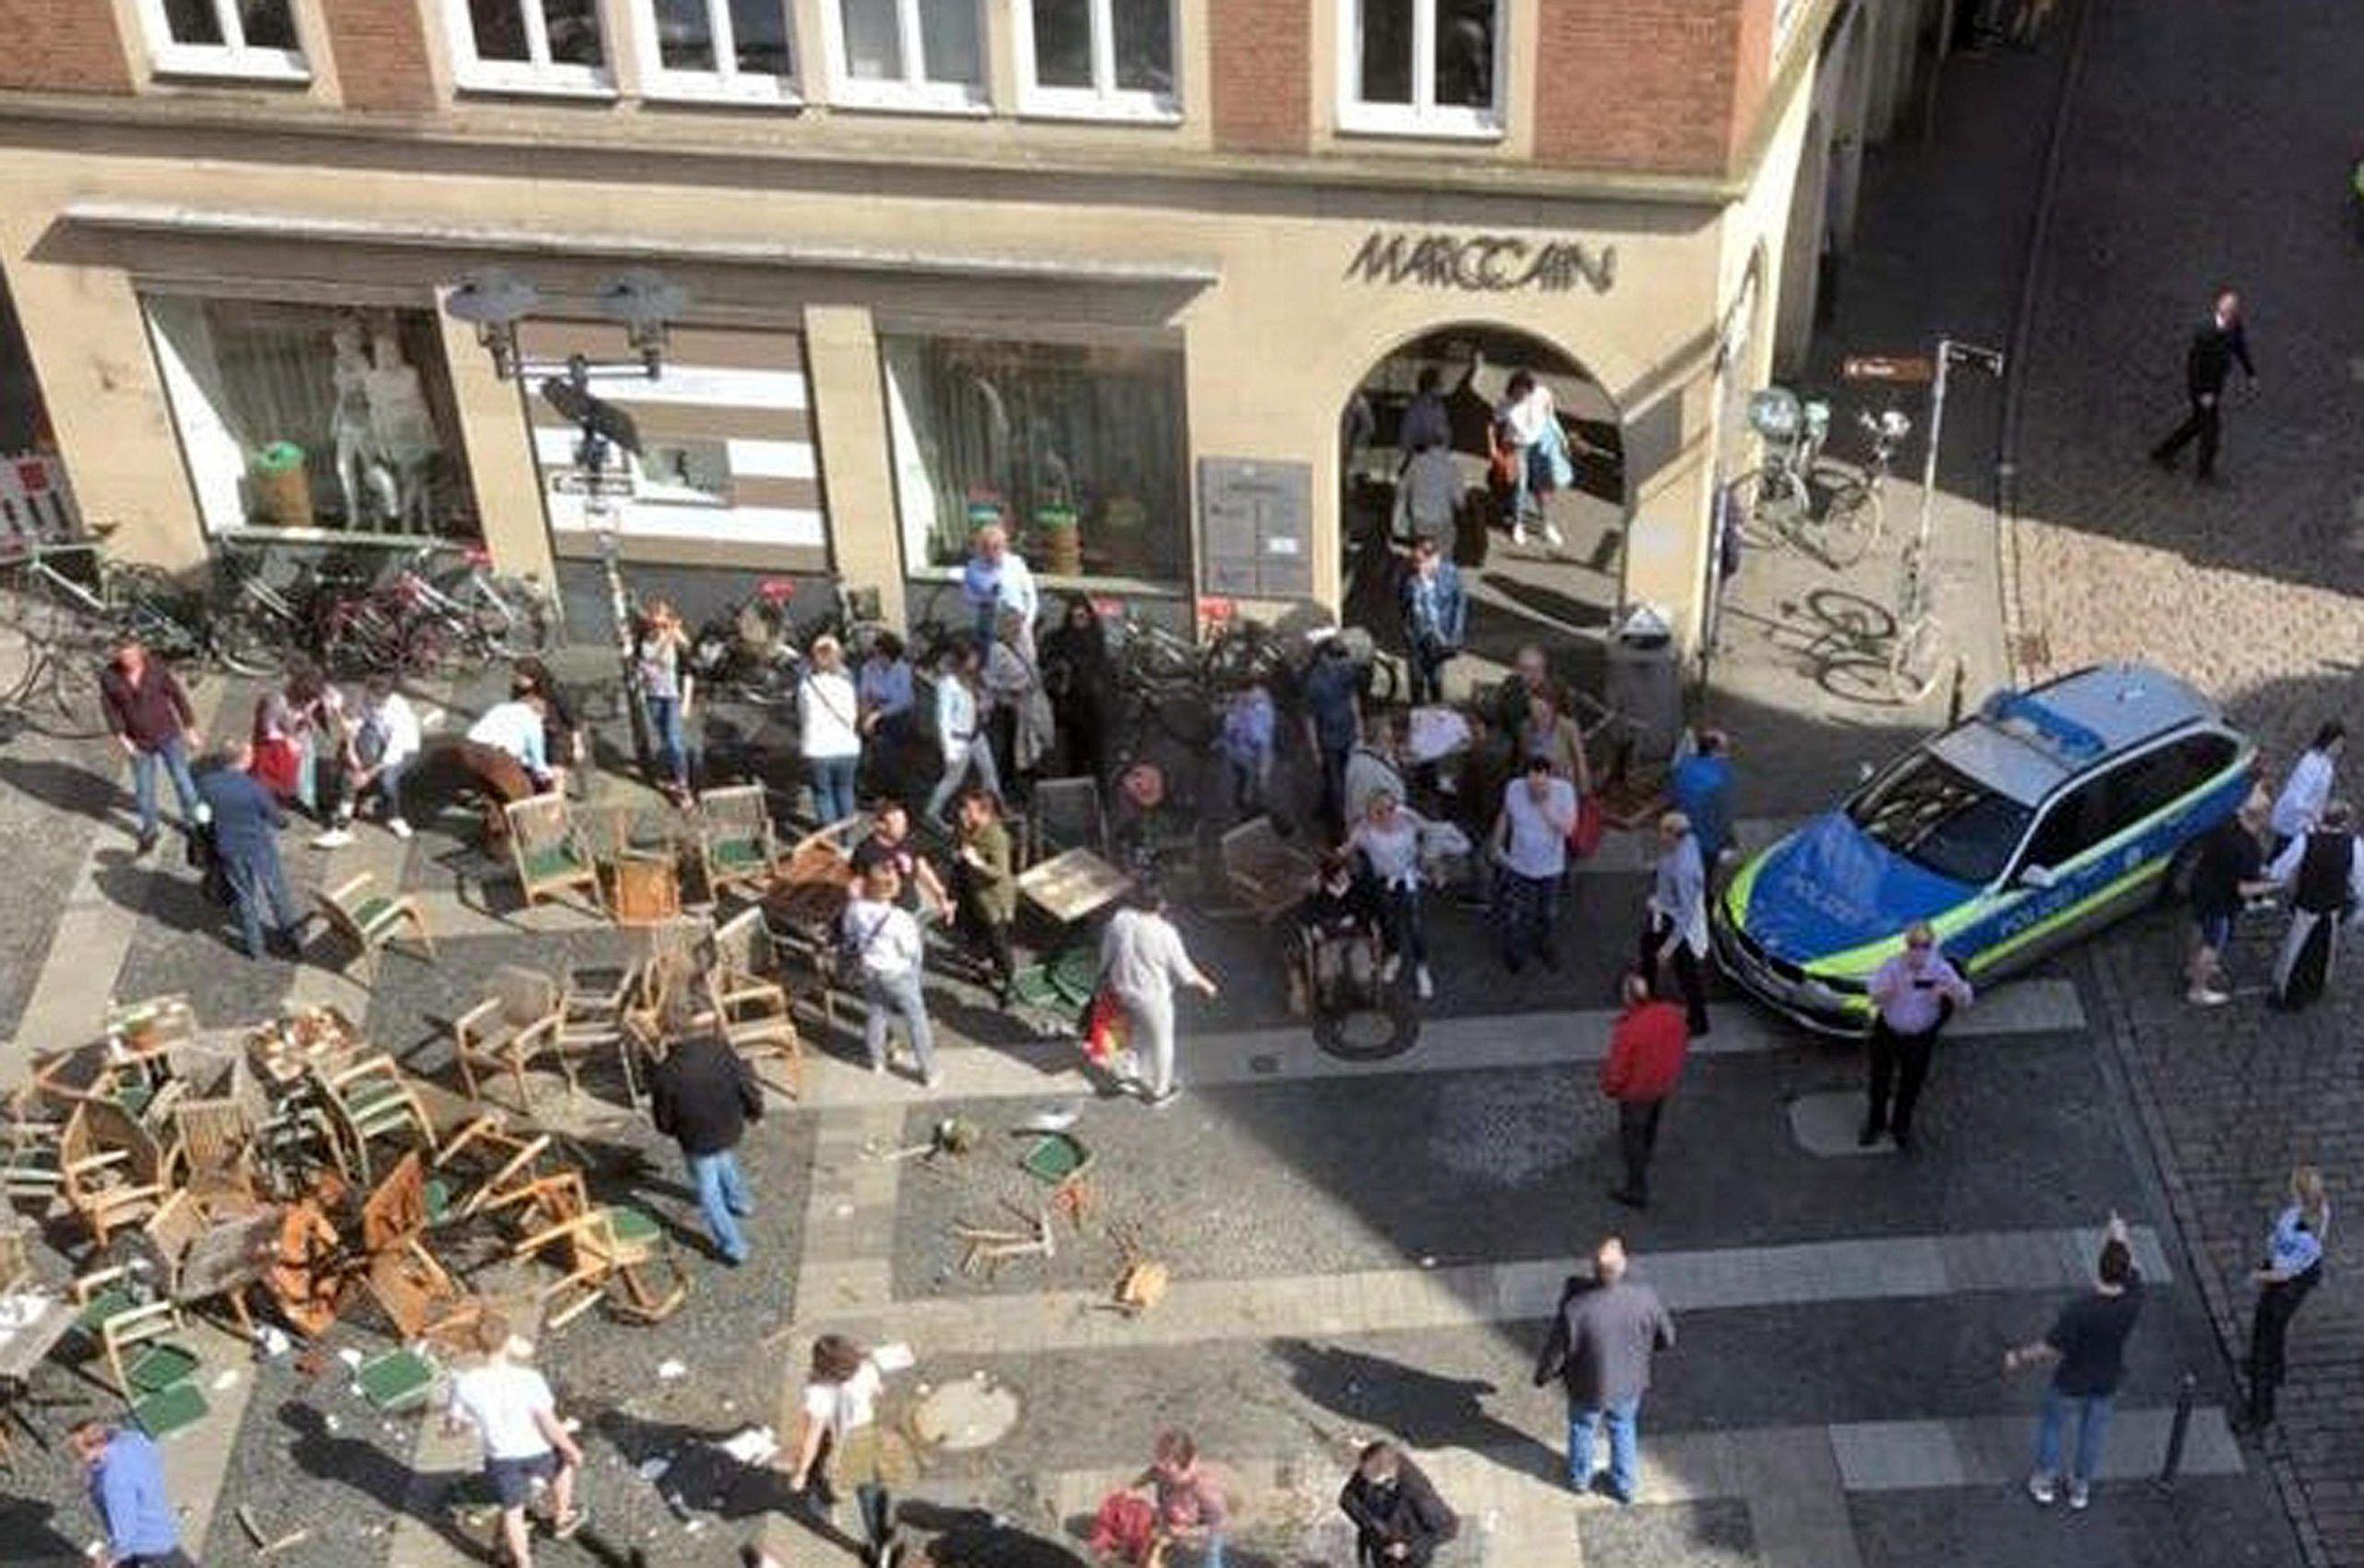 Furgone su folla a Muenster, 50 feriti,6 in pericolo di vita